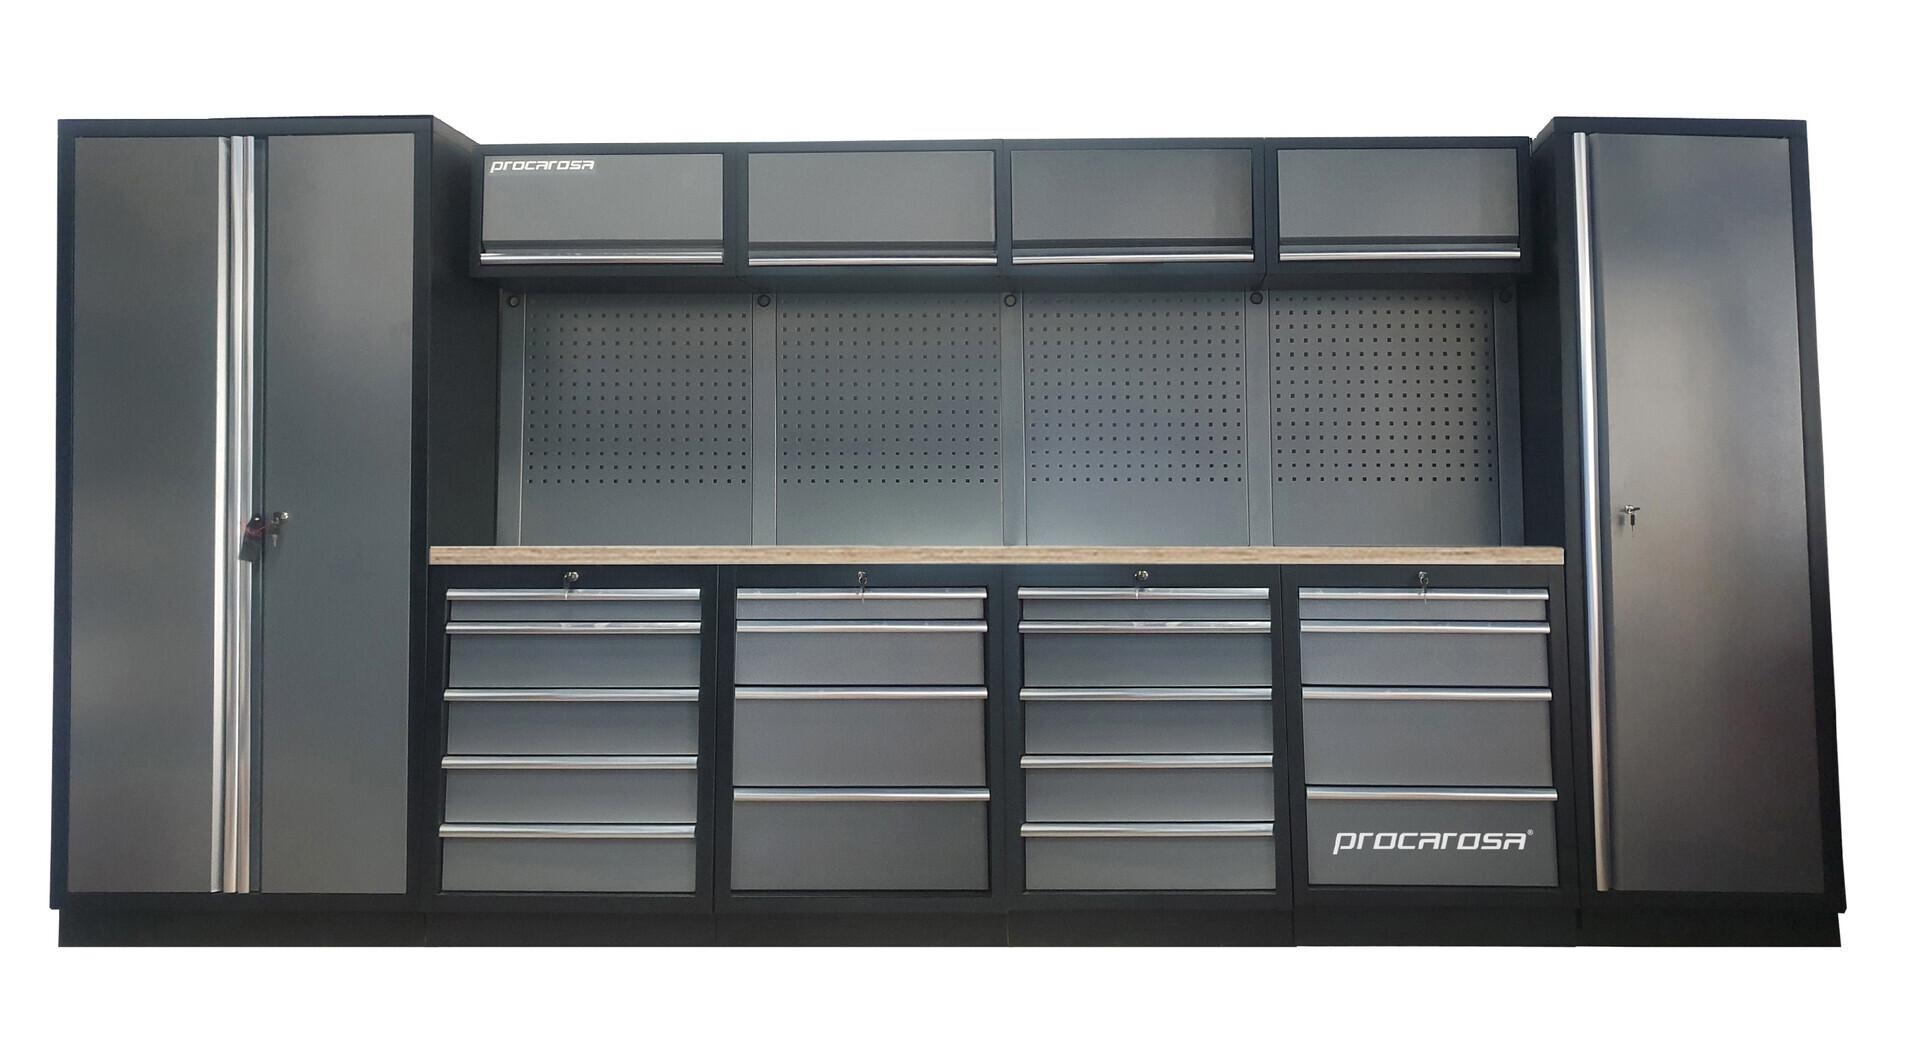 Sestava dílenského nábytku Procarosa PROFESSIONAL XL-7 Pracovní deska: dřevěná, Hmotnost: